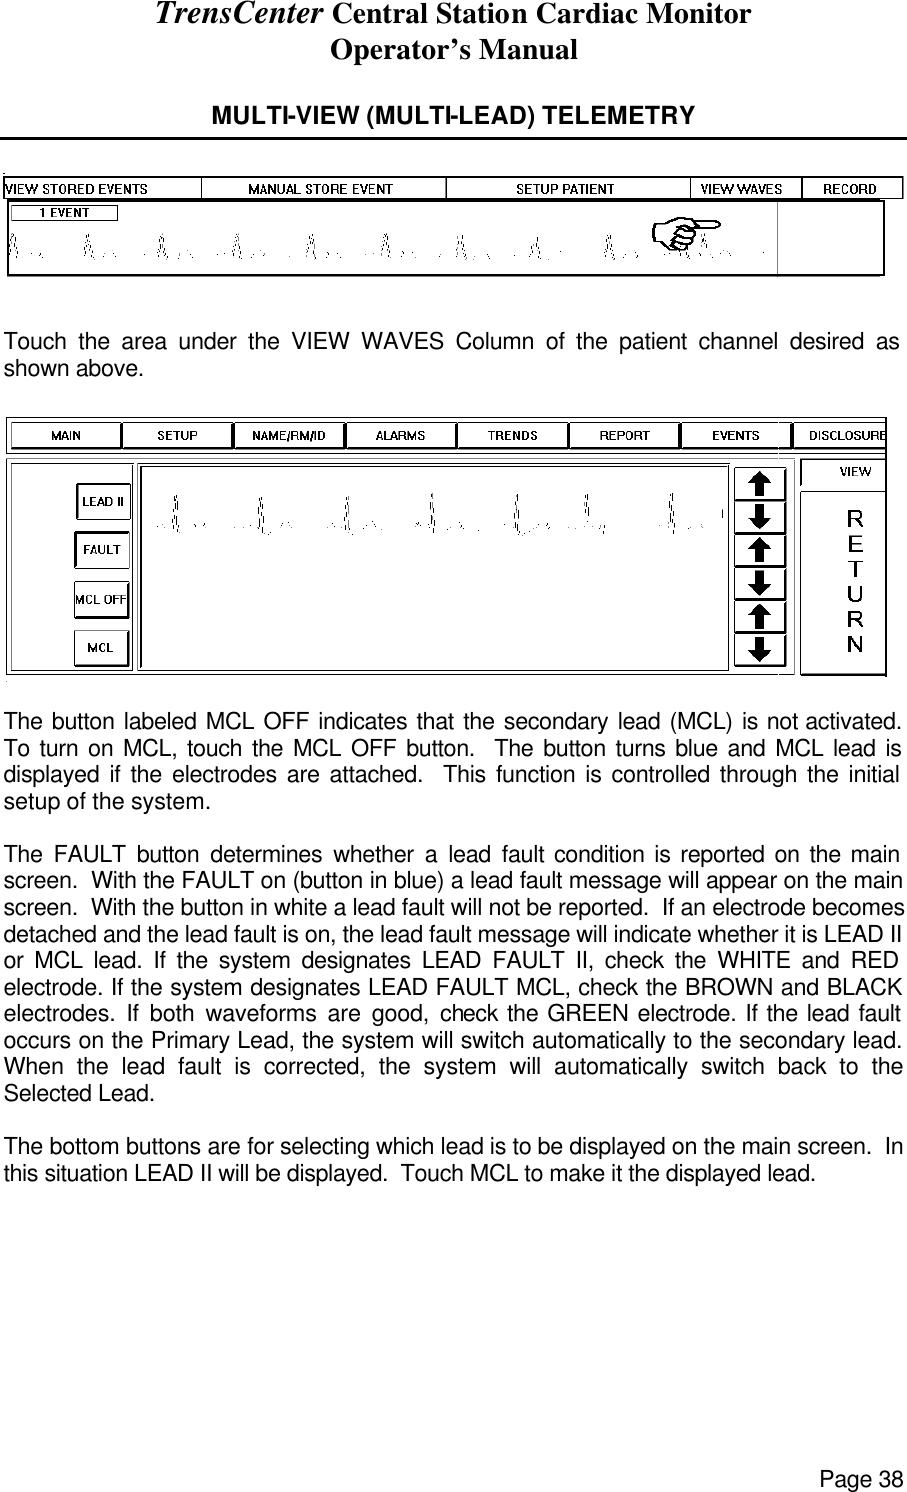 orangerx short range telemetry station manual